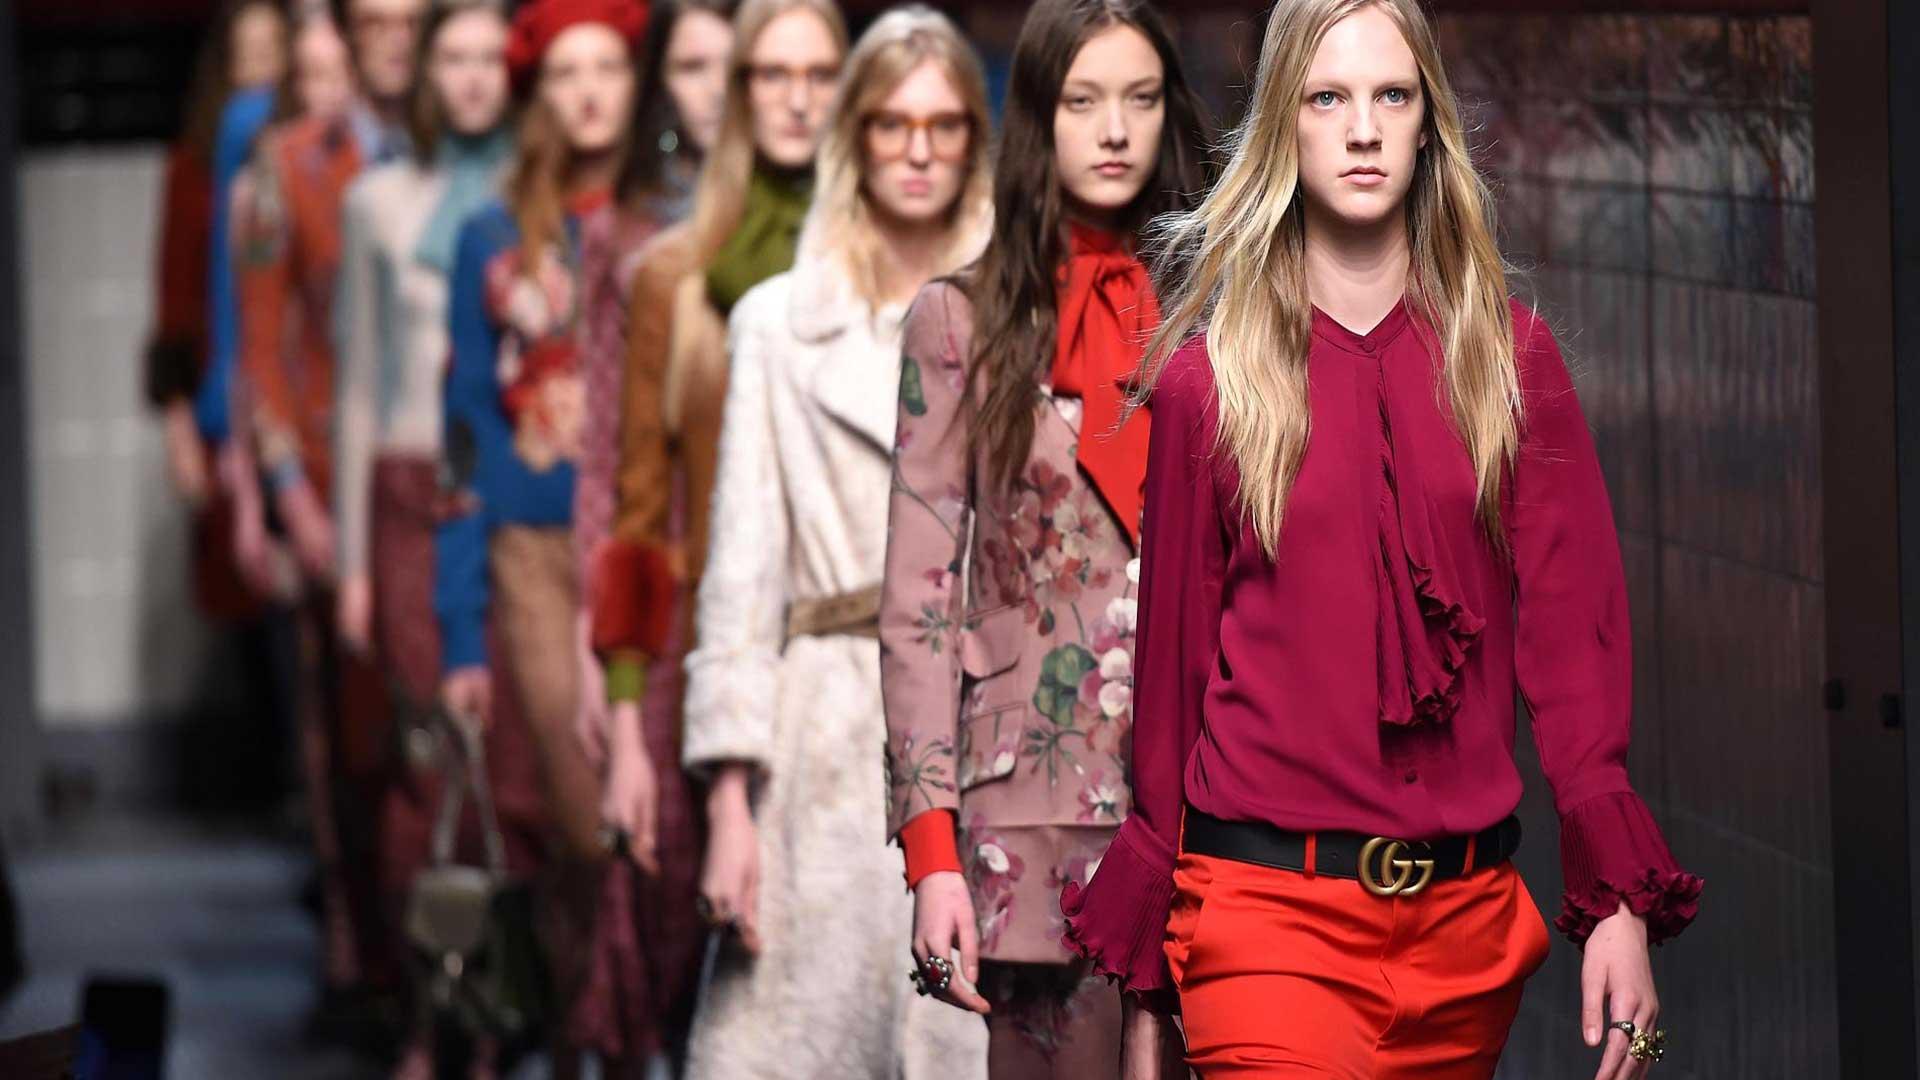 برند ایتالیایی گوچی متعهد شده تا از این به بعد در تولید لباسهایش از خز و موی حیوانات استفاده نکند.